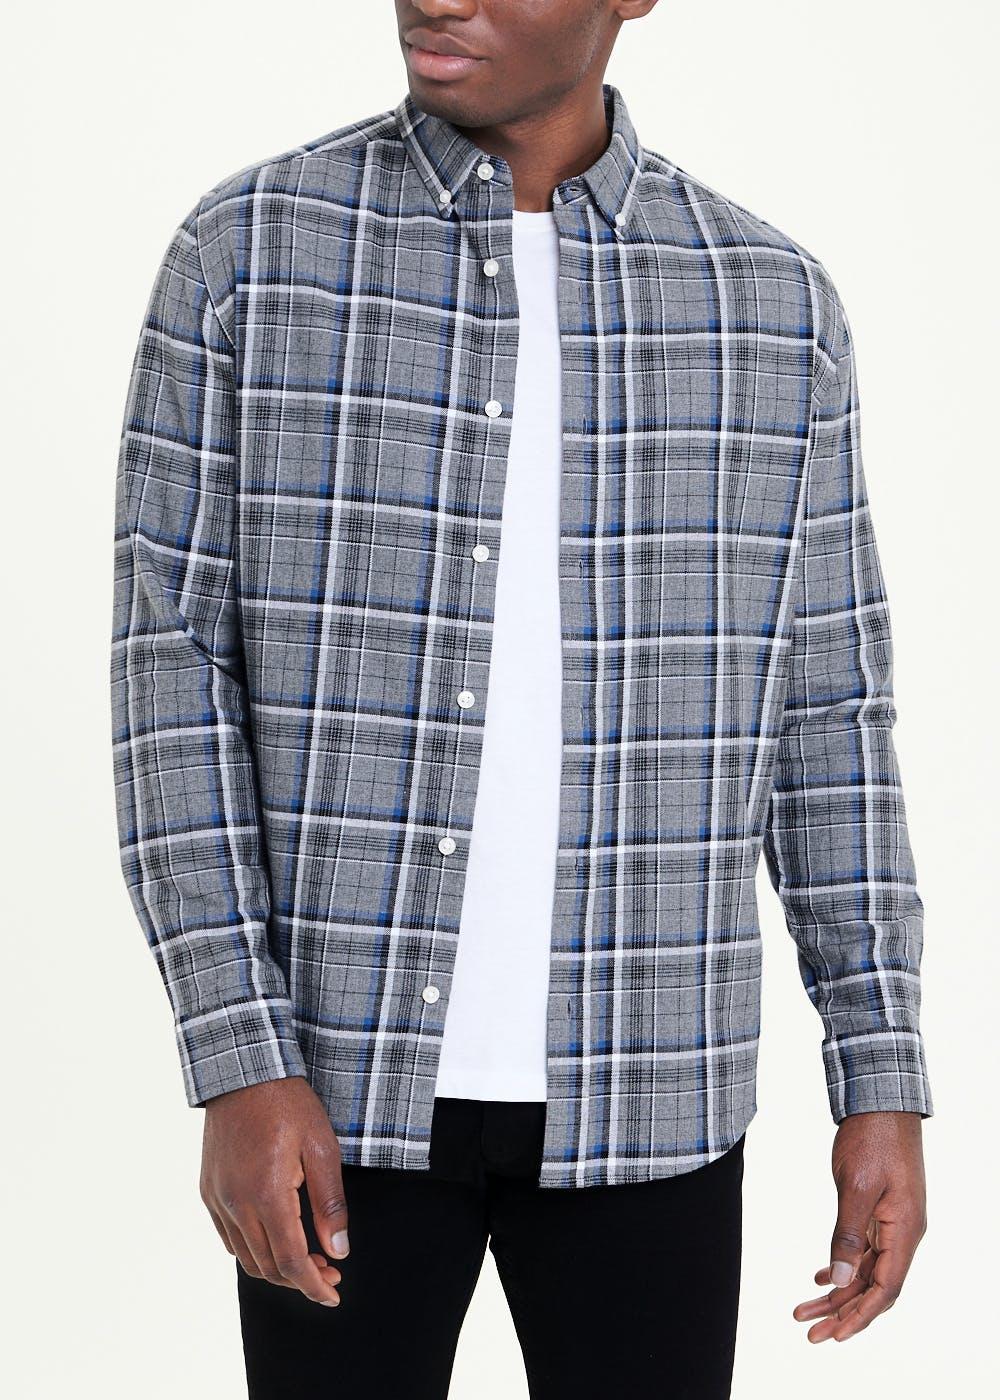 Long Sleeve Plaid Check Shirt £7 (Free Collection) @ Matalan